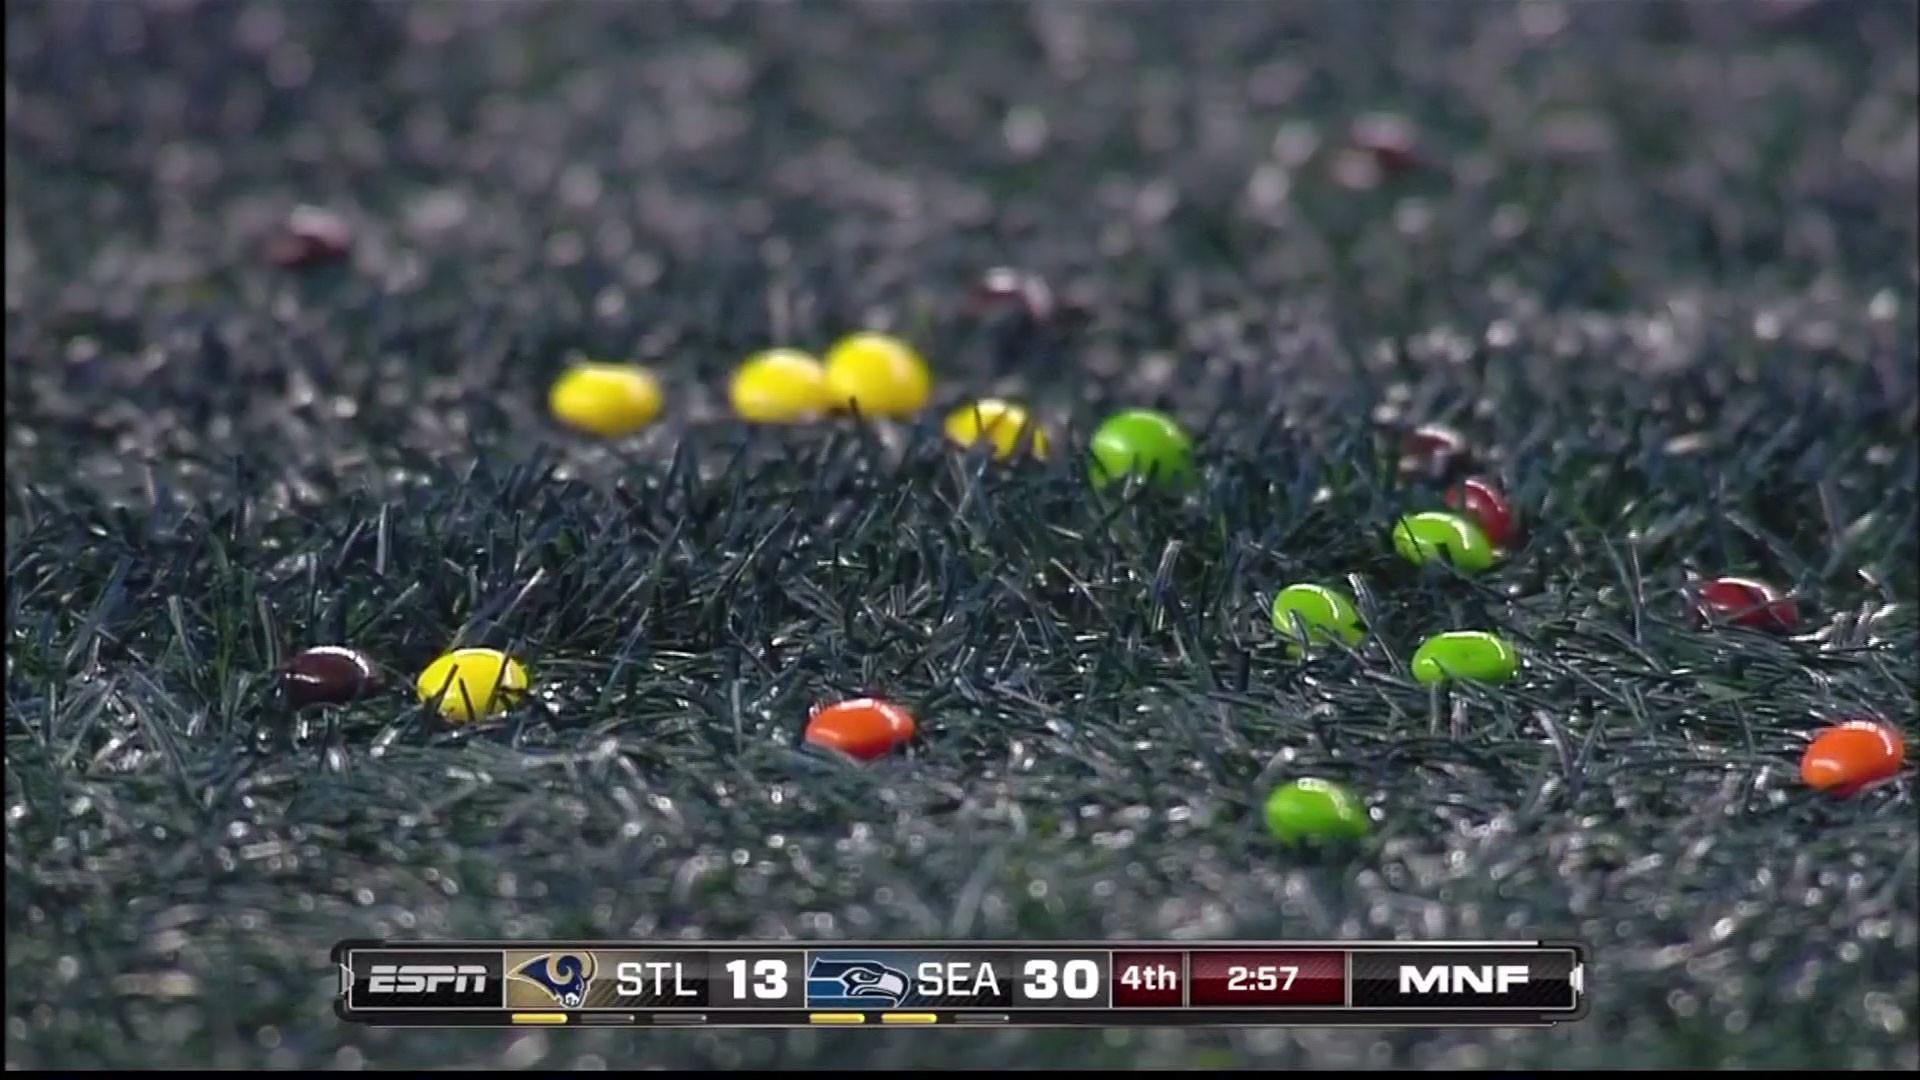 Skittles on the field